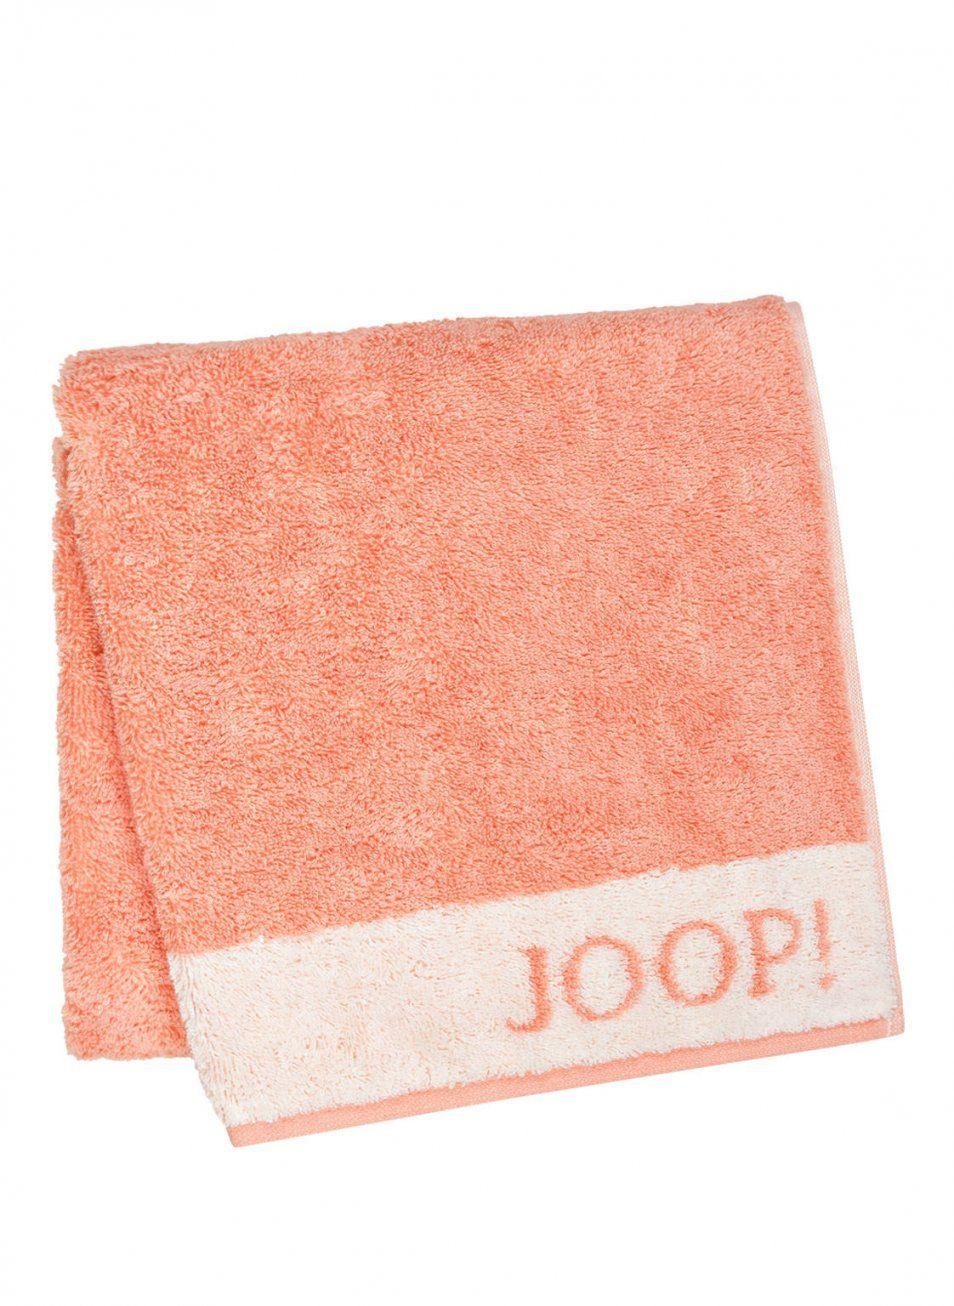 Joop Sneaker Noah Joop Handtuch Breeze 50 X 100 Cm Apricot von Joop Handtücher Set Günstig Photo